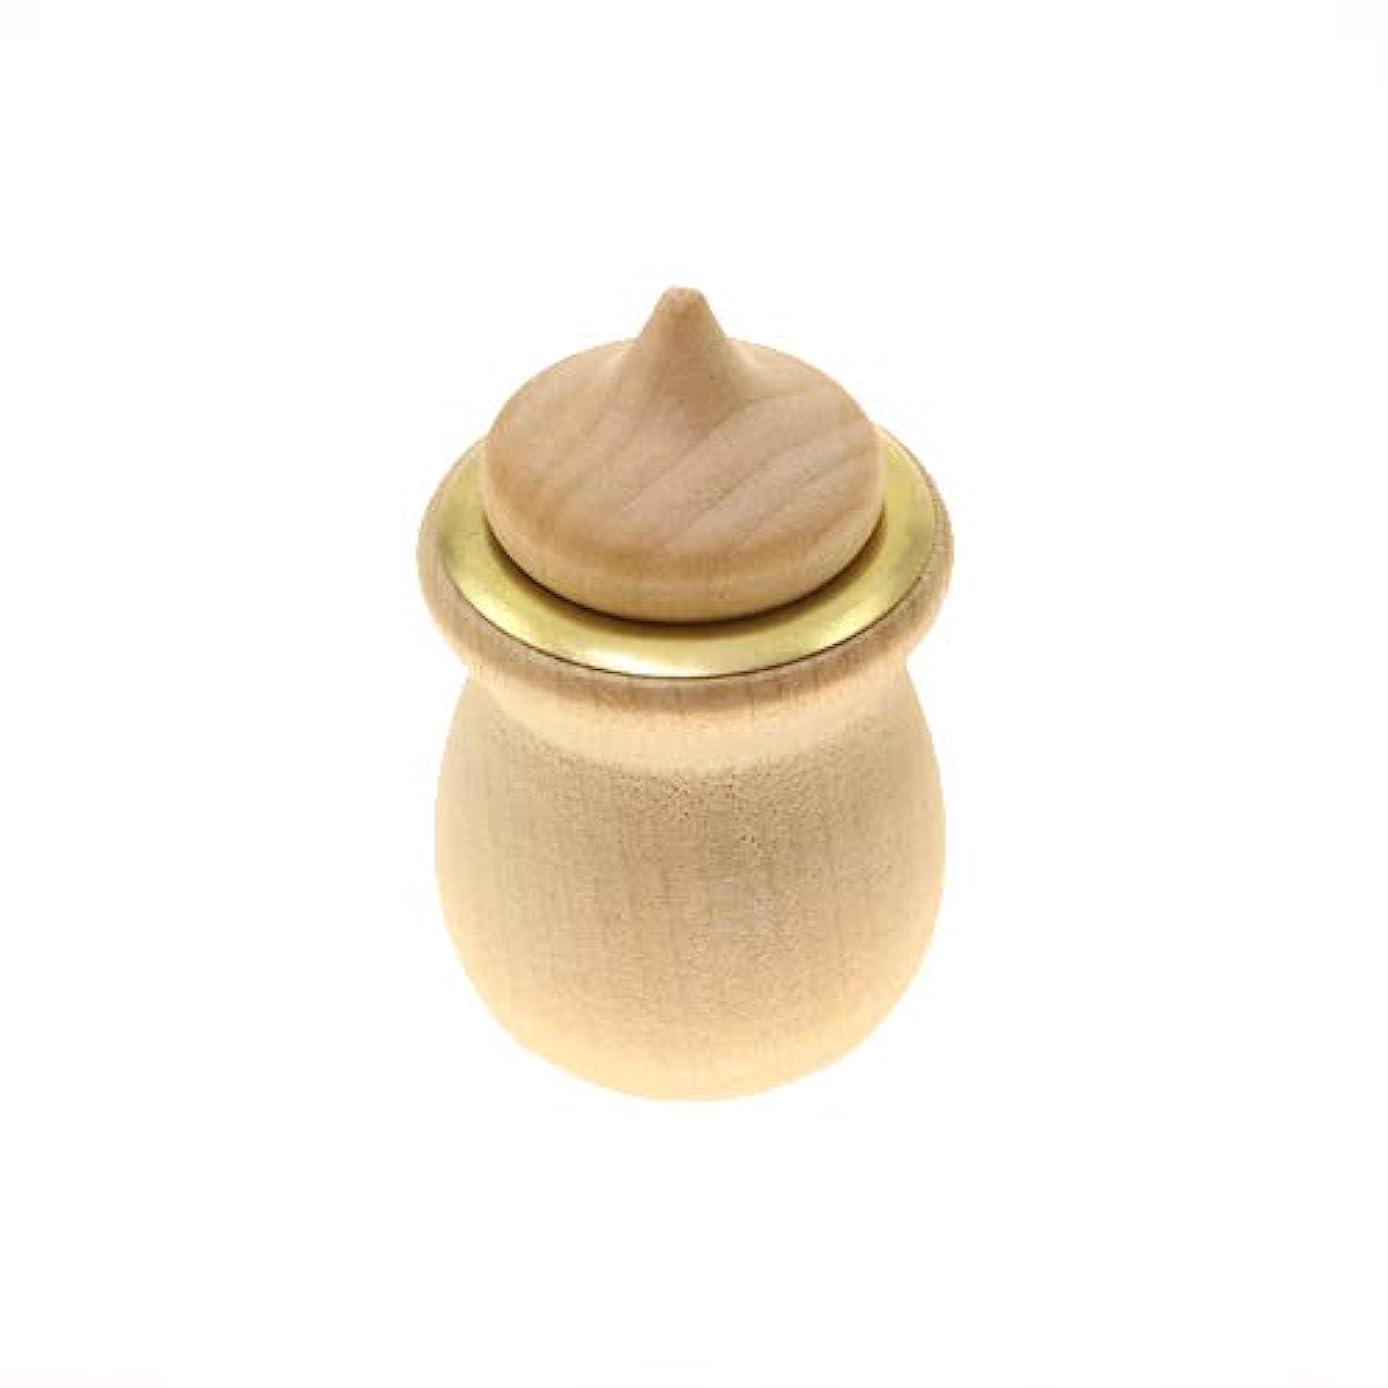 ずっとフレア見つけた木製ディフューザー ラッテダロマLATTE D'AROMA ゴールド